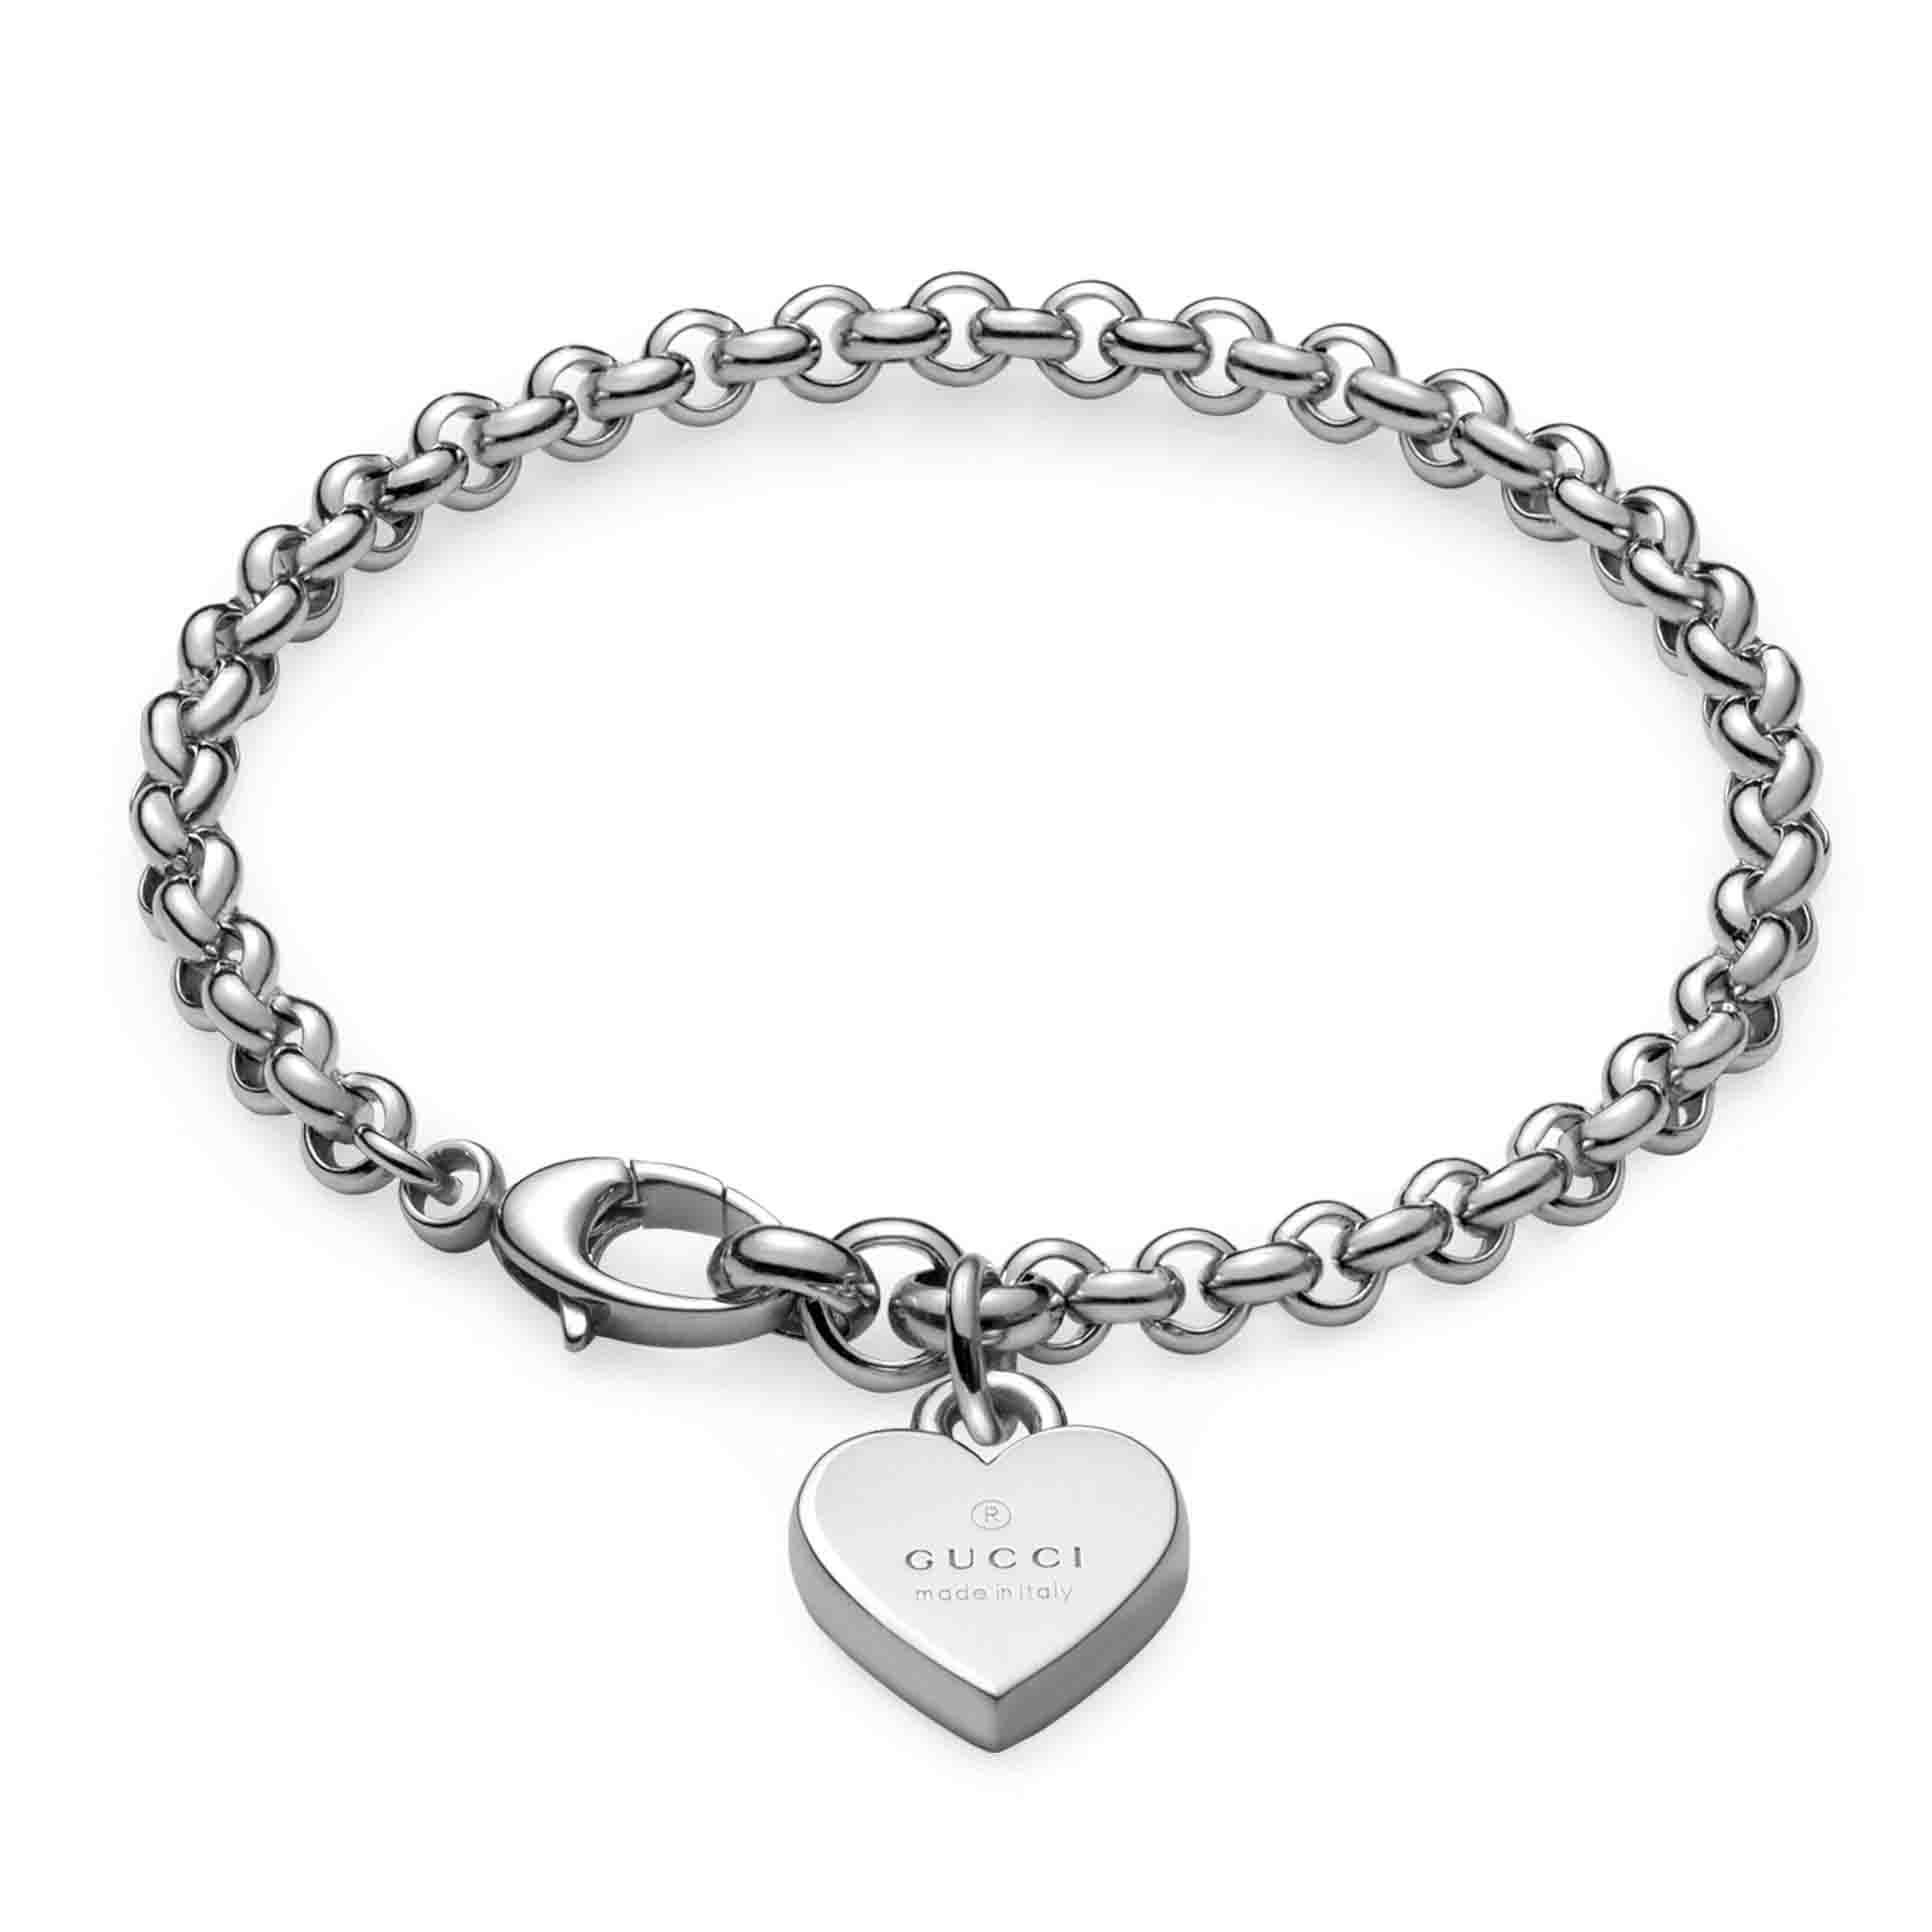 3c3117d87 YBA356210001. bracciale con cuore inciso. Gucci Trademark in argento